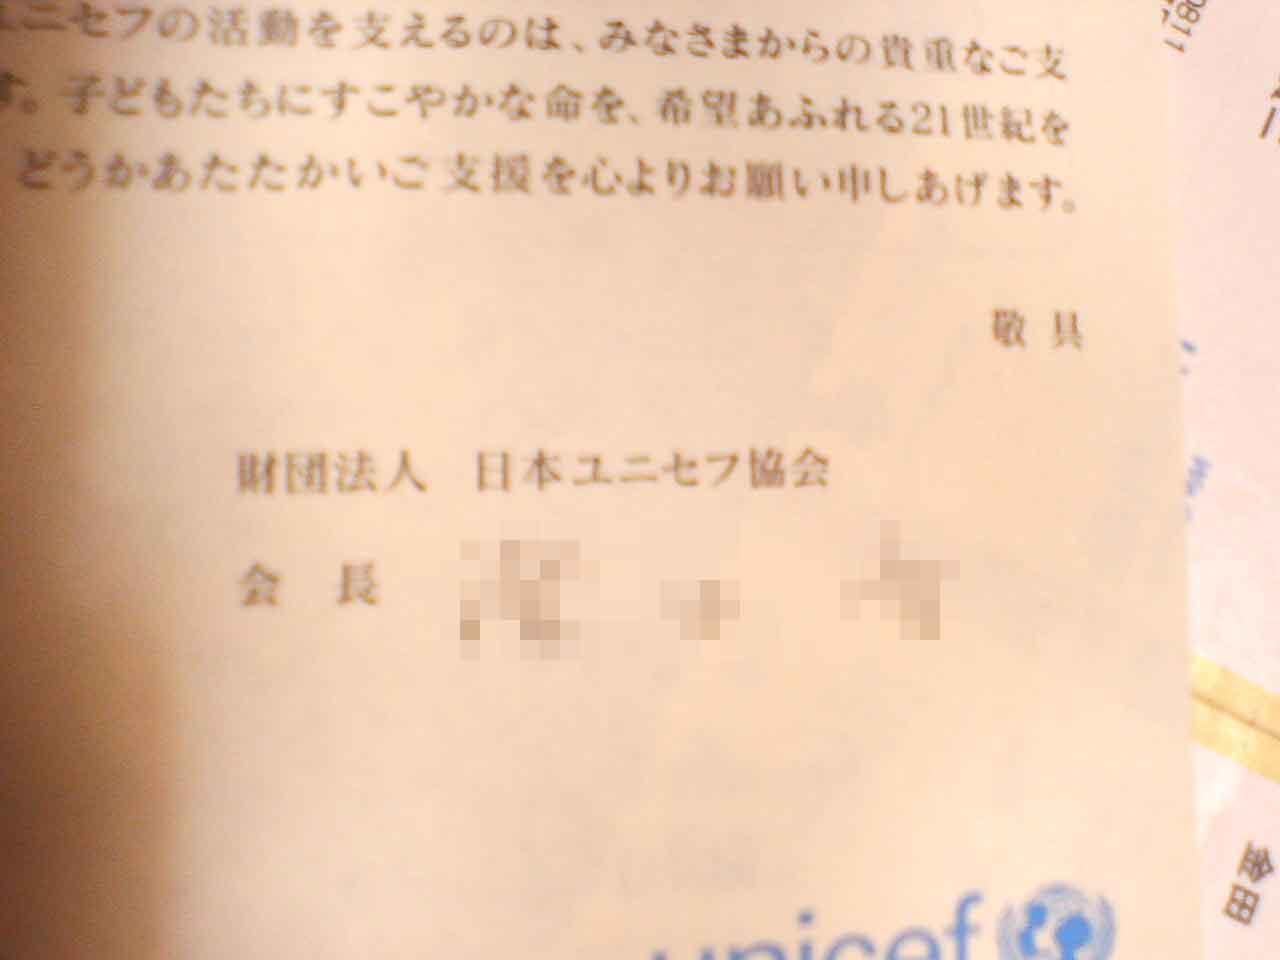 怪しい ユニセフ 【ユニセフへの悪評は本当なの?】日本ユニセフ協会の評判が悪いのはなぜ?